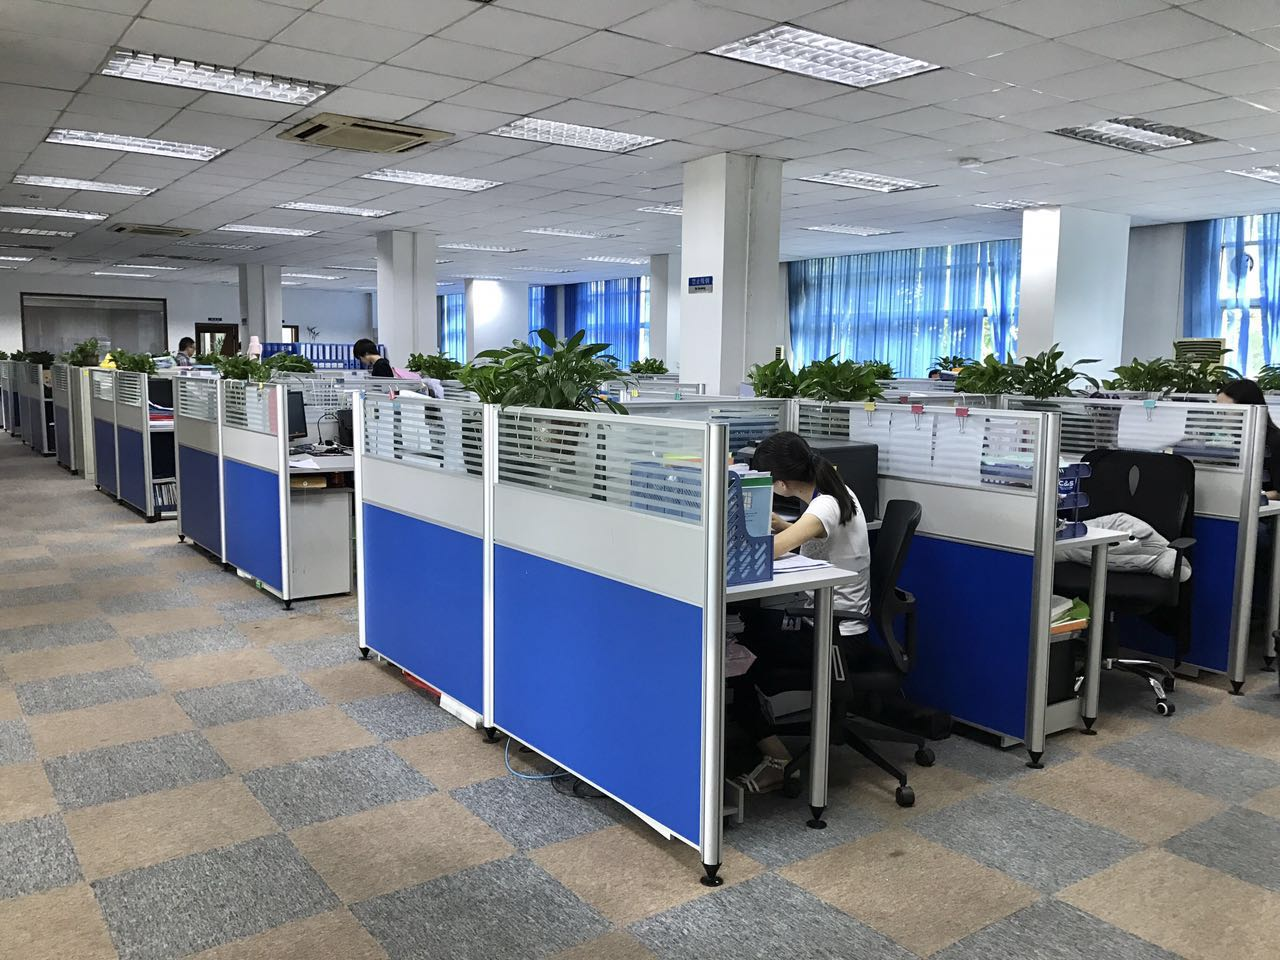 中山市環保產業有限公司 _才通國際人才網_job001.cn